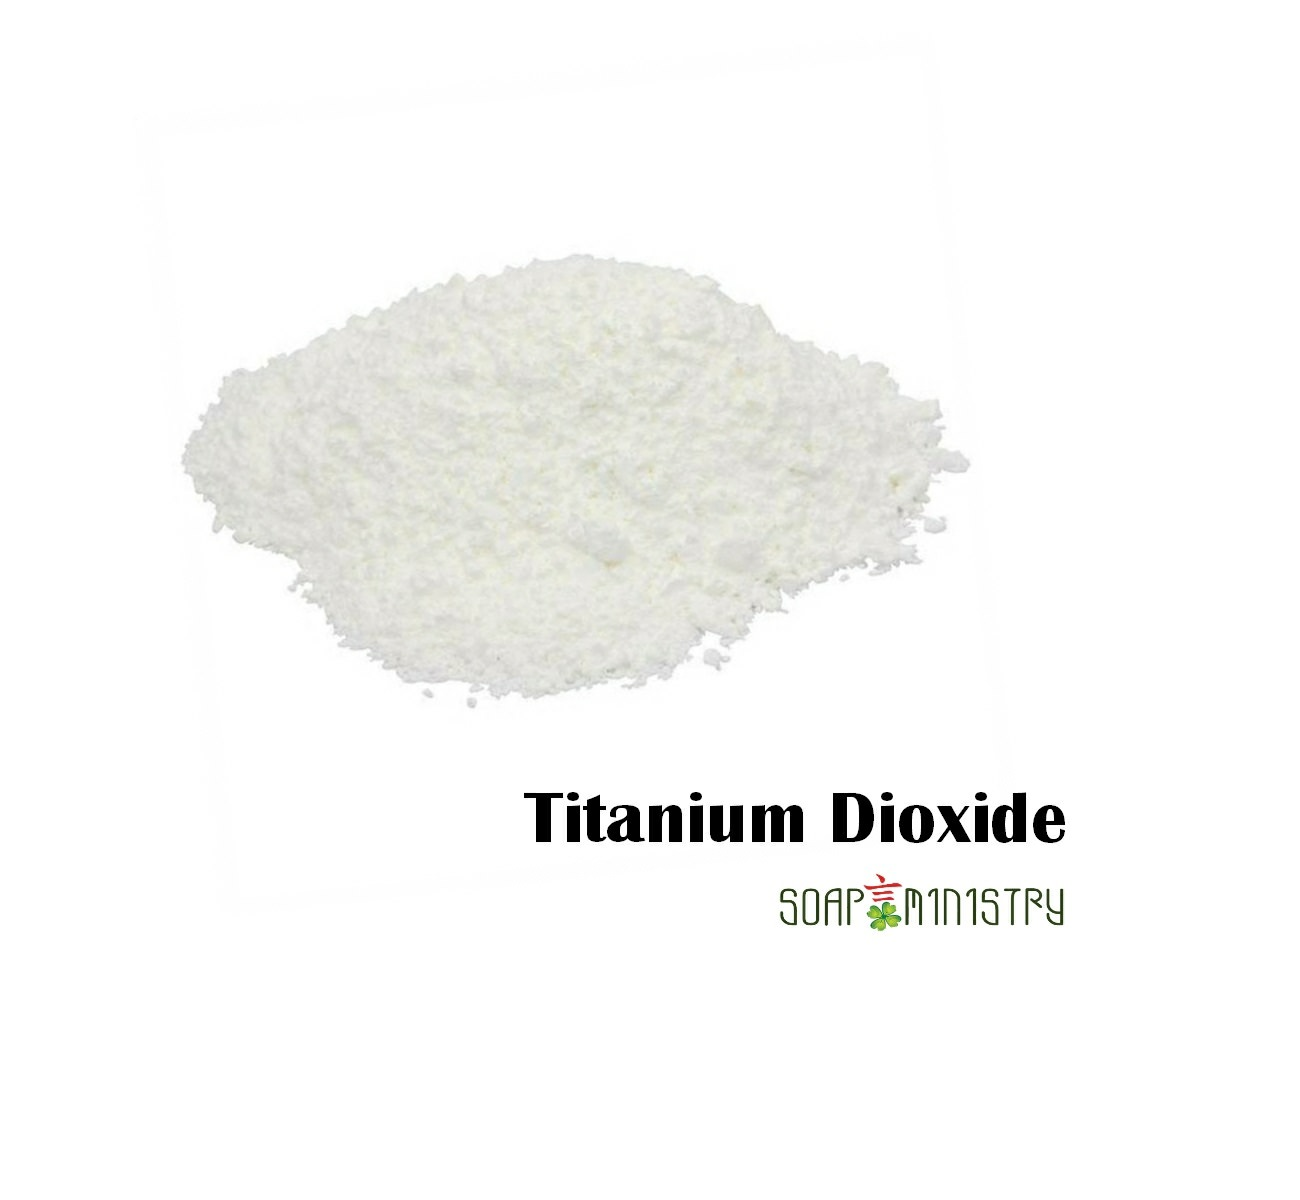 Titanium dioxide 500g